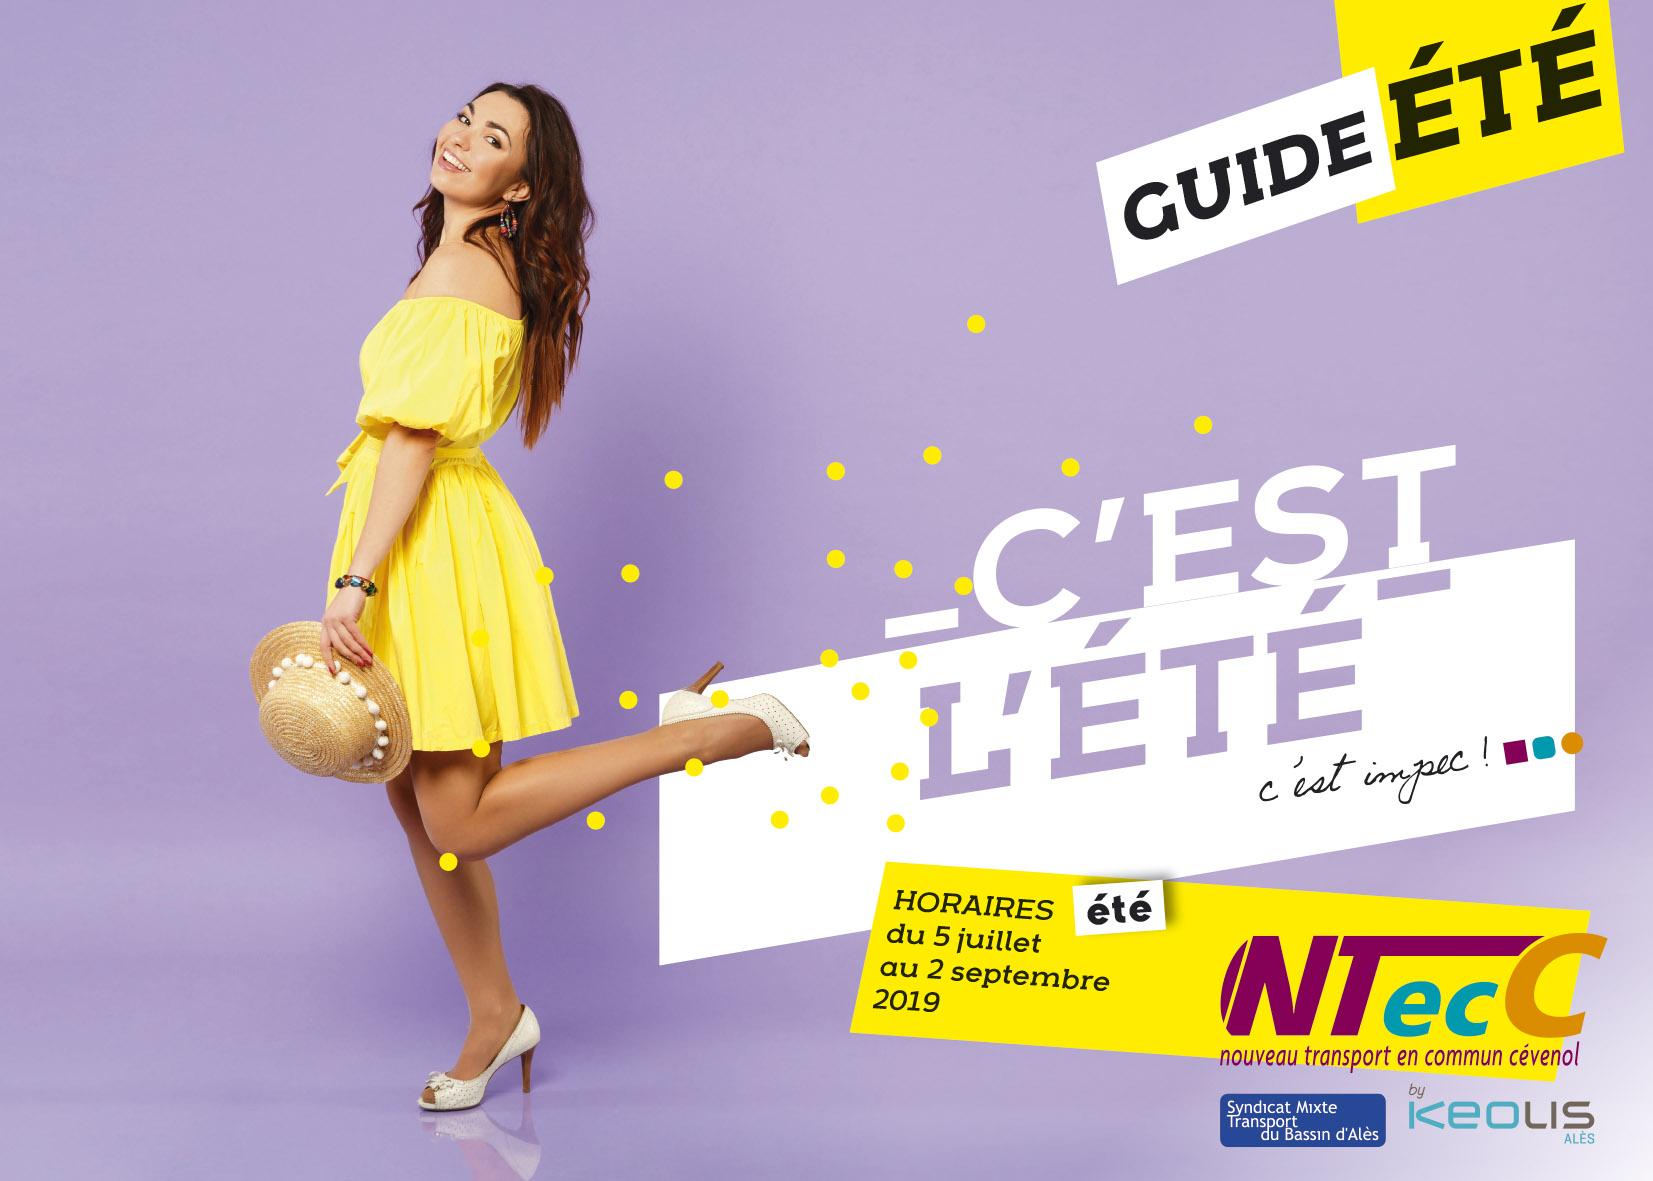 couv-ete-2019-NtecC